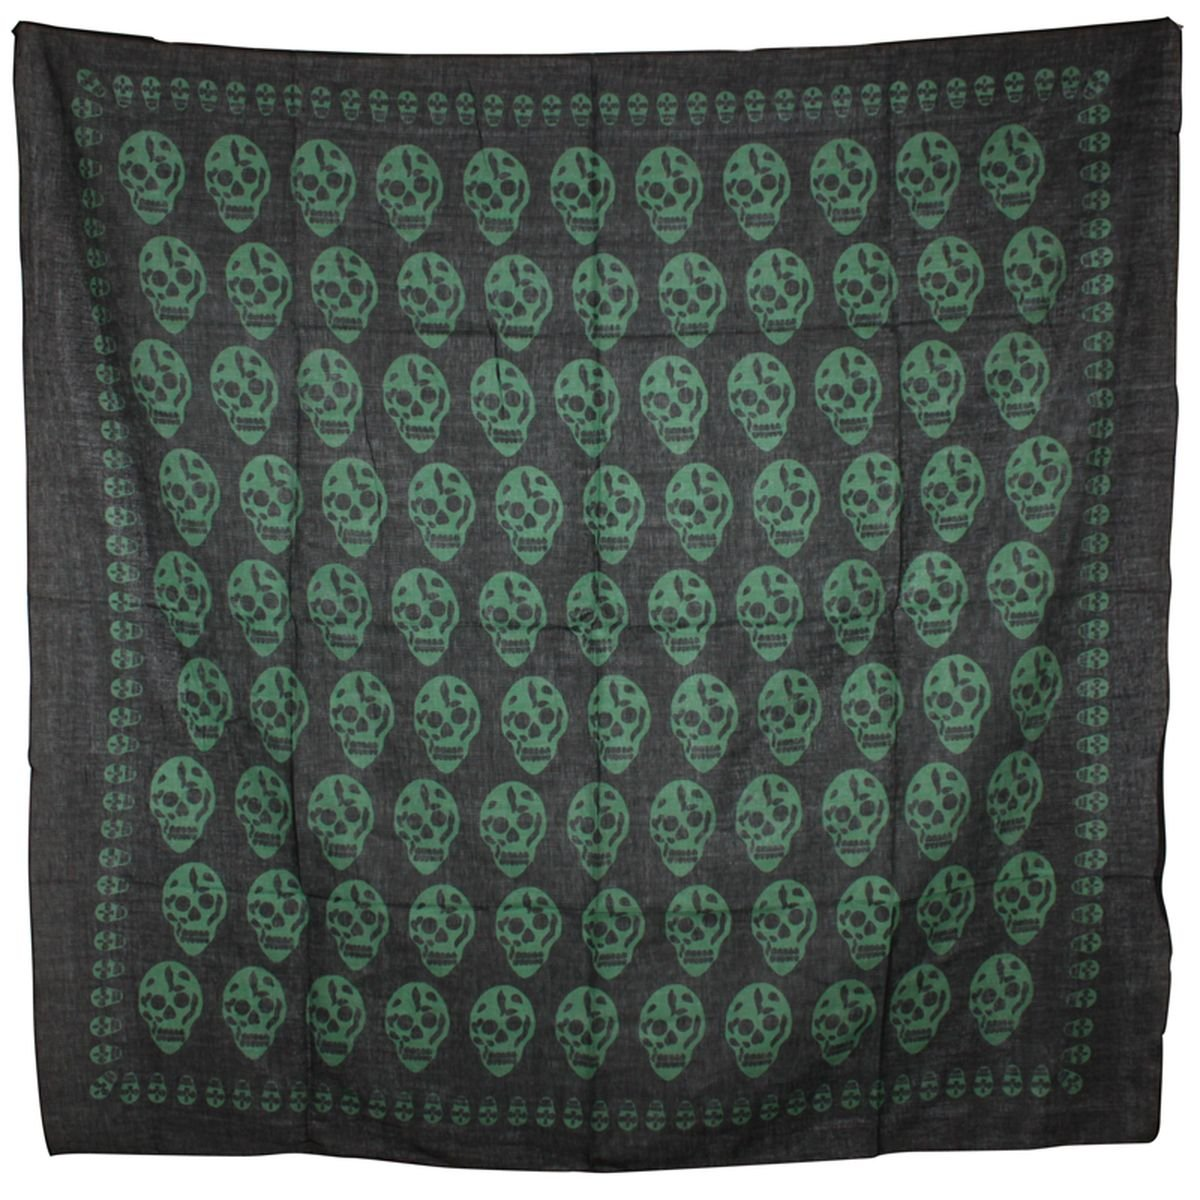 Superfreak/® Baumwolltuch mit Totenkopf Muster Schal 100x100 cm 100/% Baumwolle Tuch